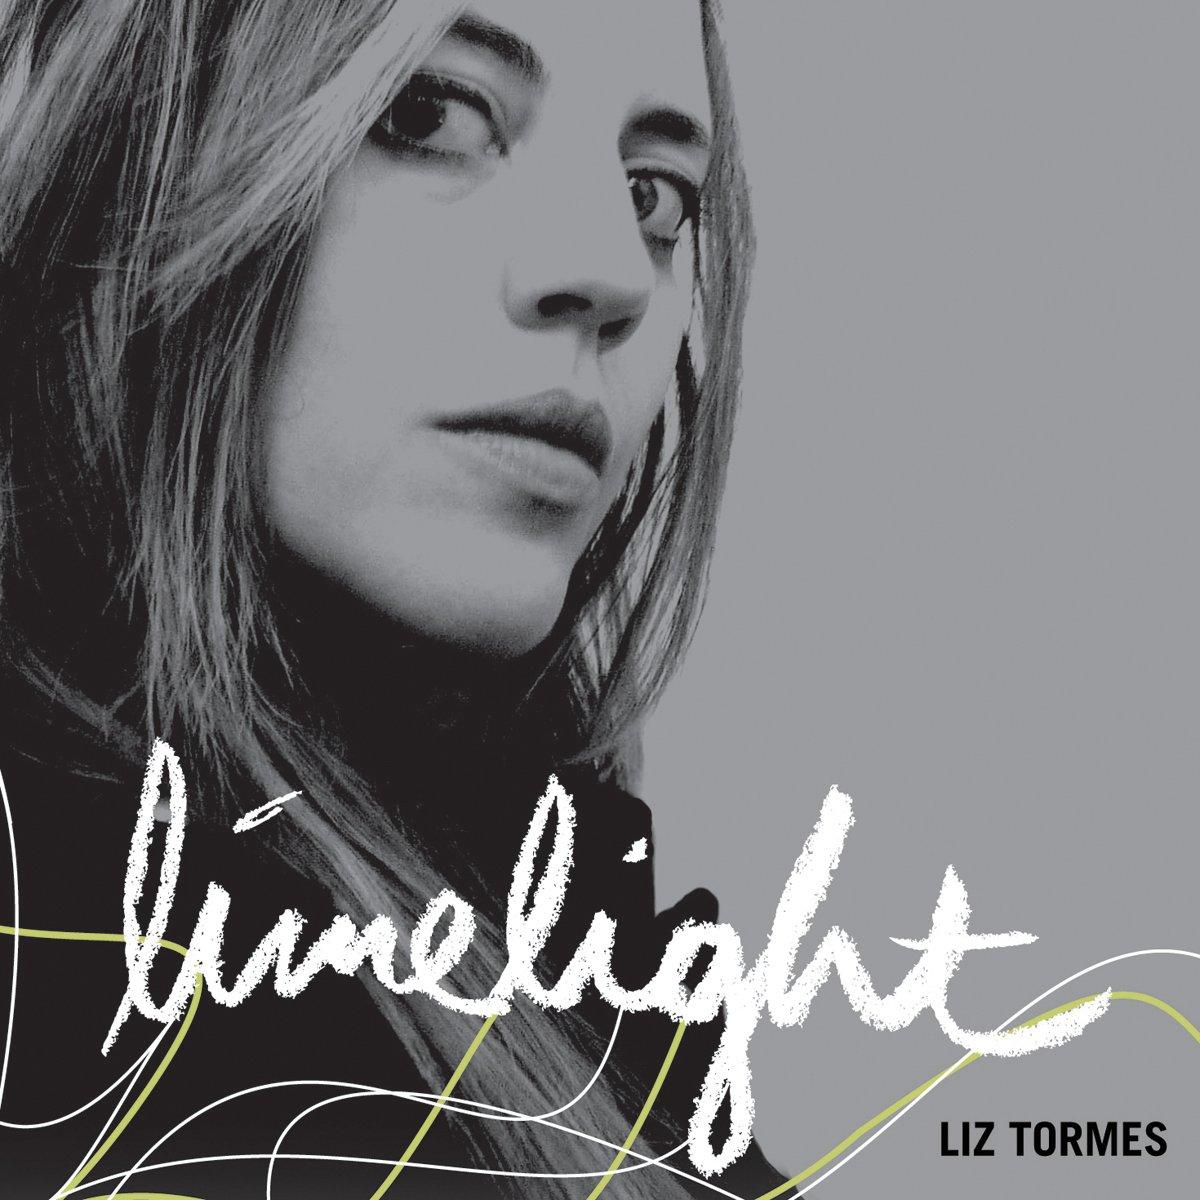 2005 Liz Tormes: Limelight